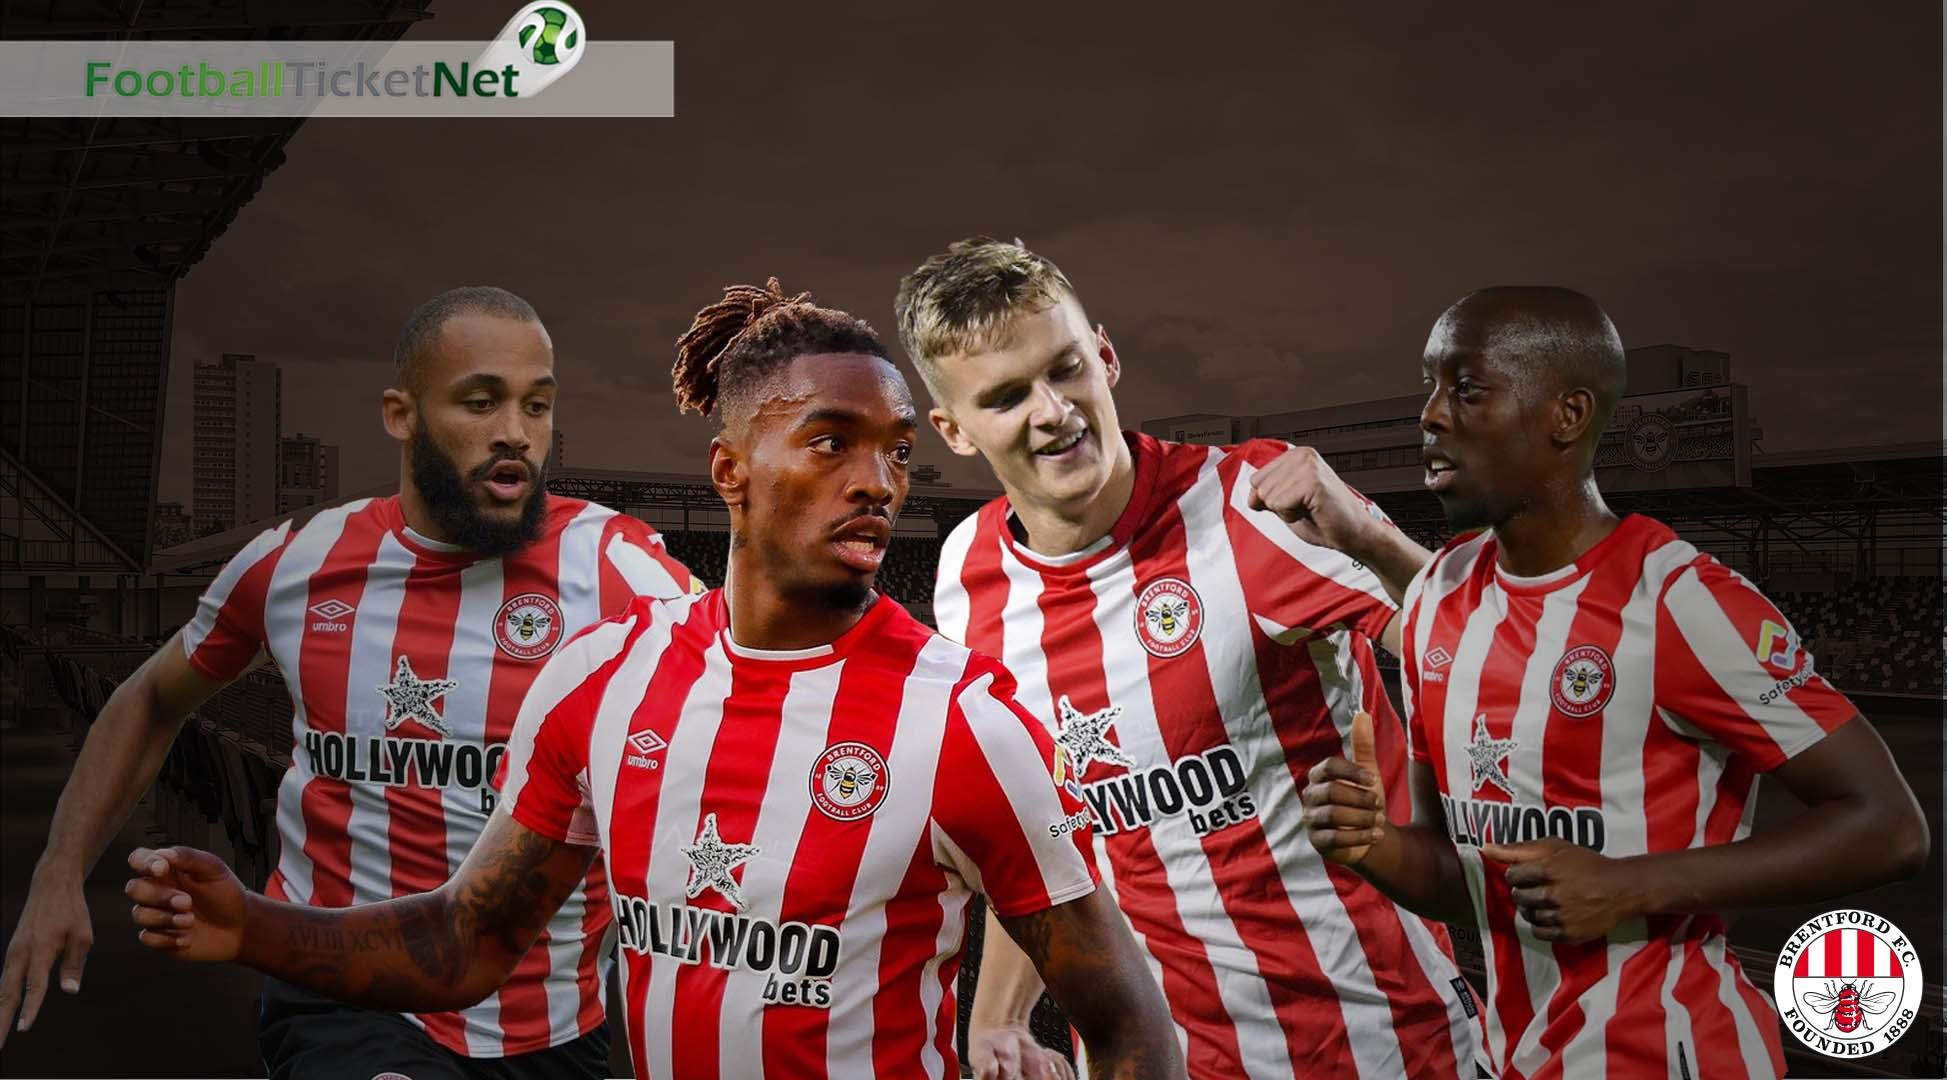 Buy Brentford Tickets 2020/21 | Football Ticket Net